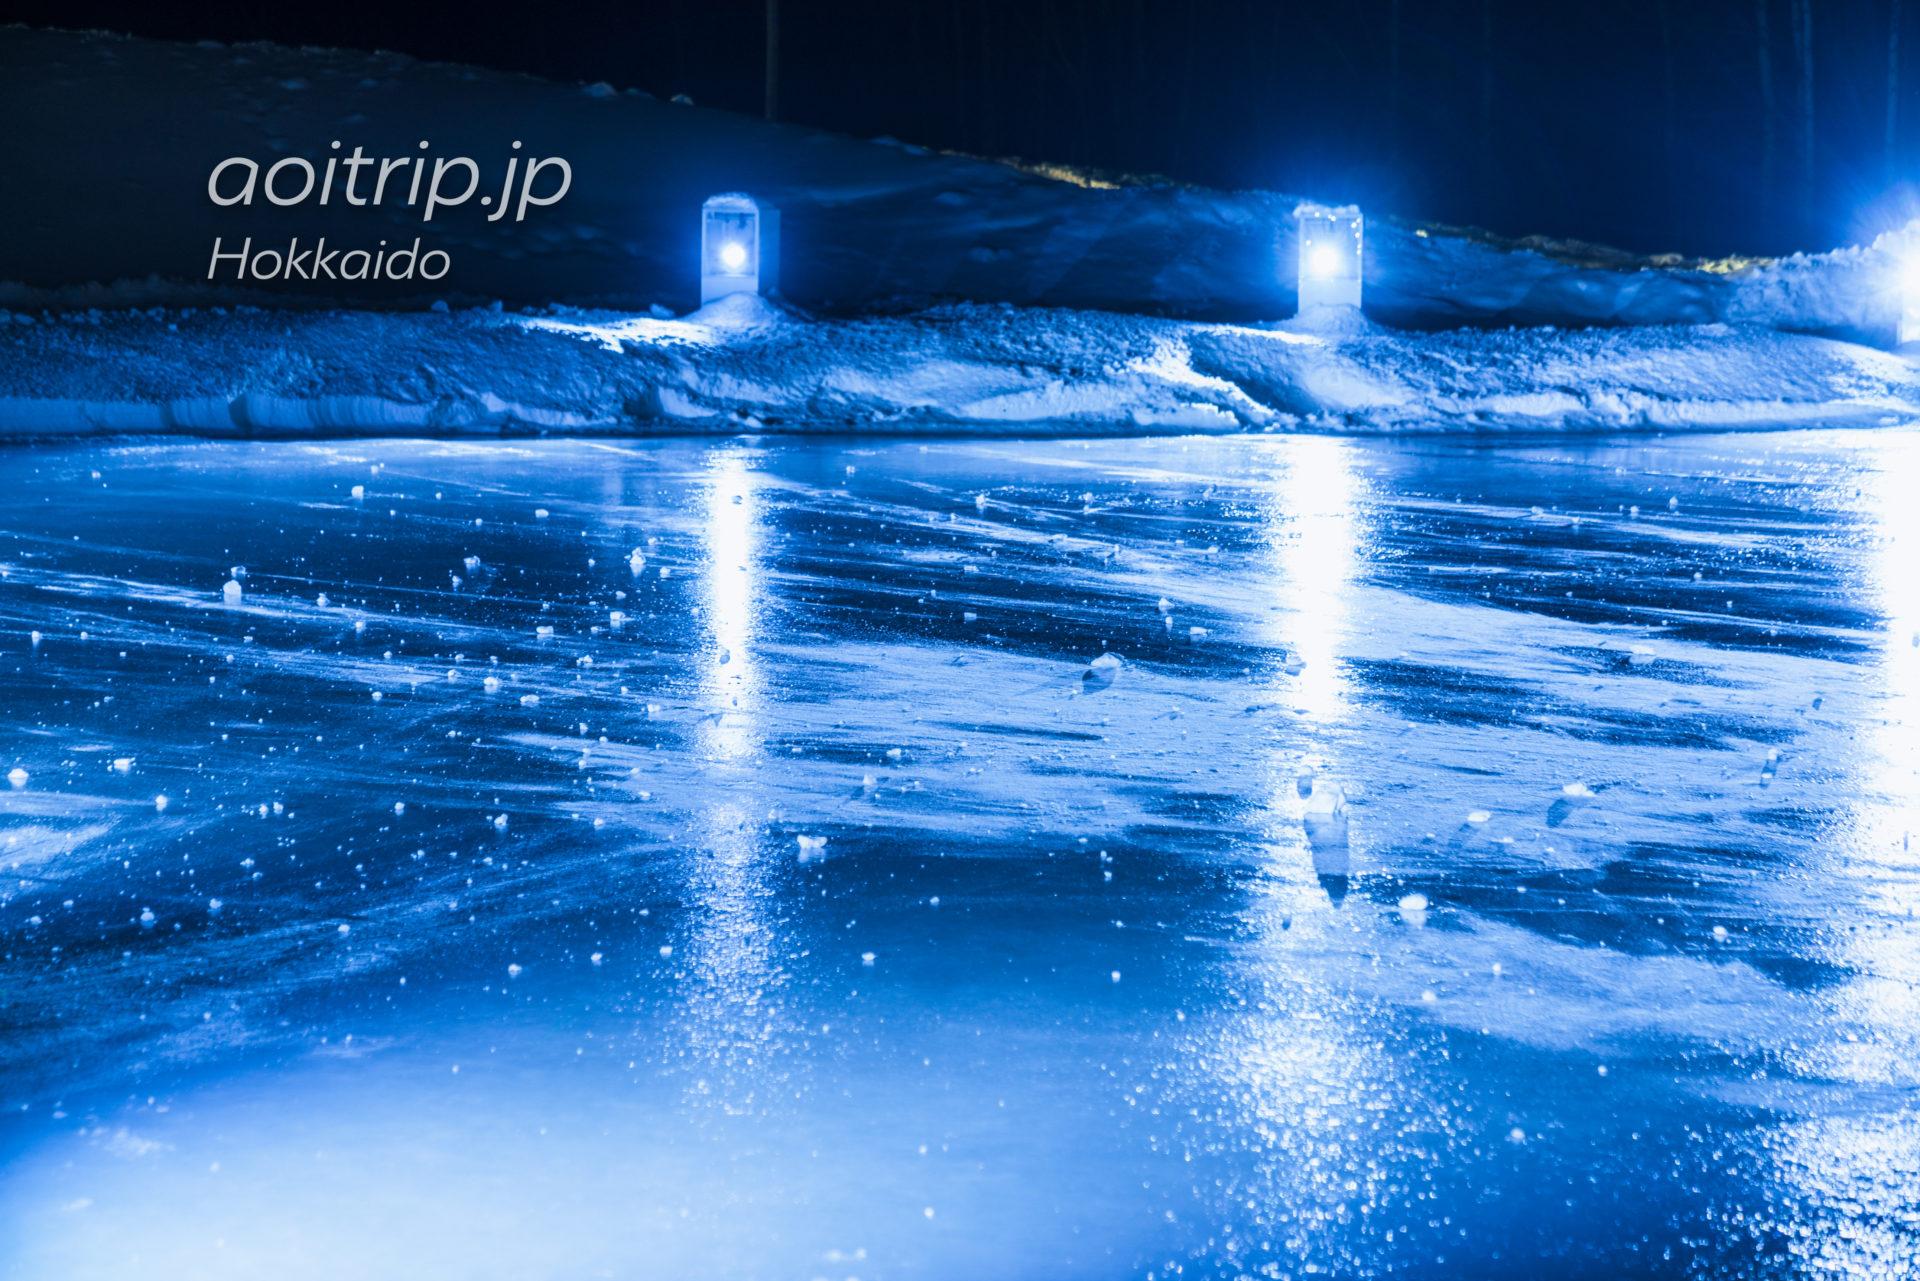 アイスヴィレッジの氷のアイスリンク